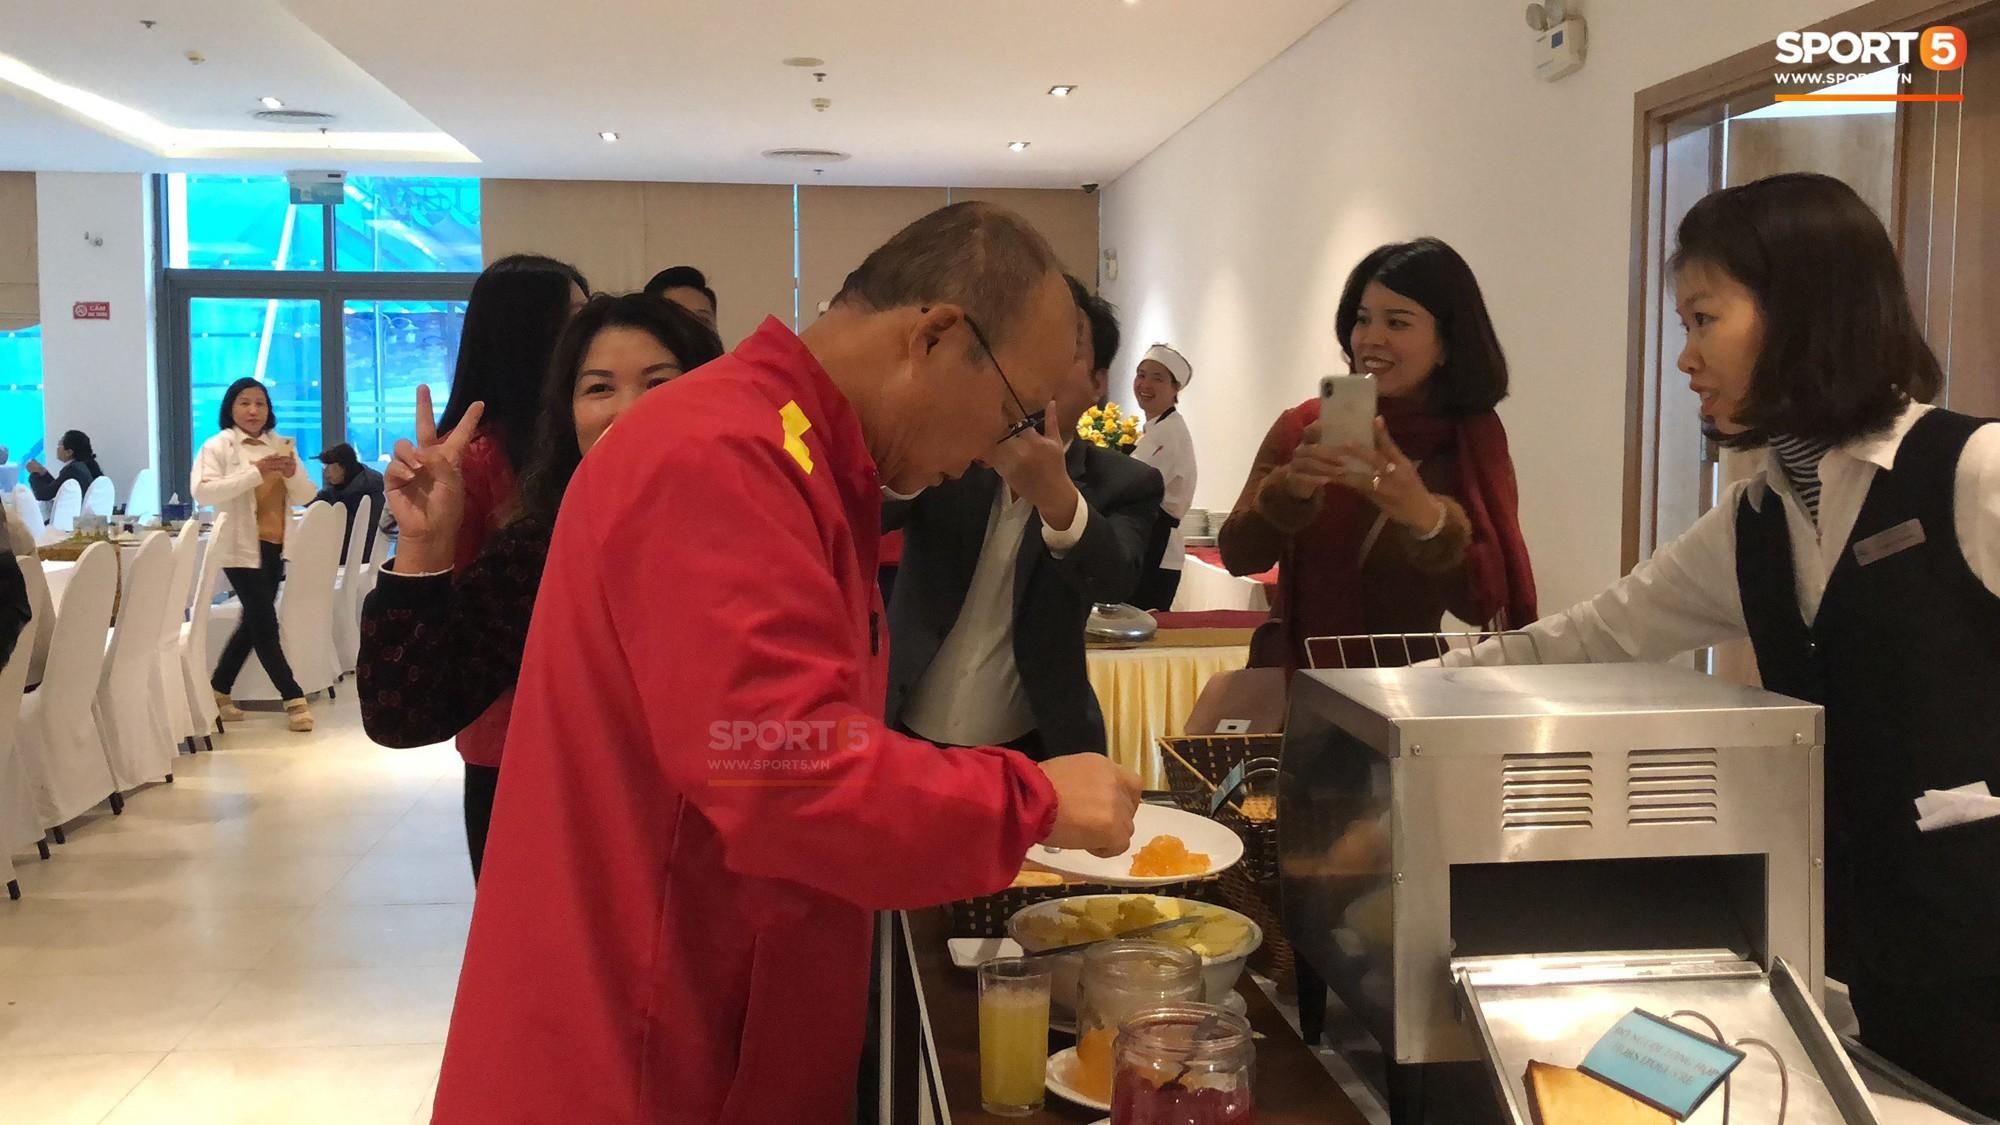 Bữa sáng giản dị của tuyển Việt Nam trước trận chung kết lịch sử - Ảnh 4.